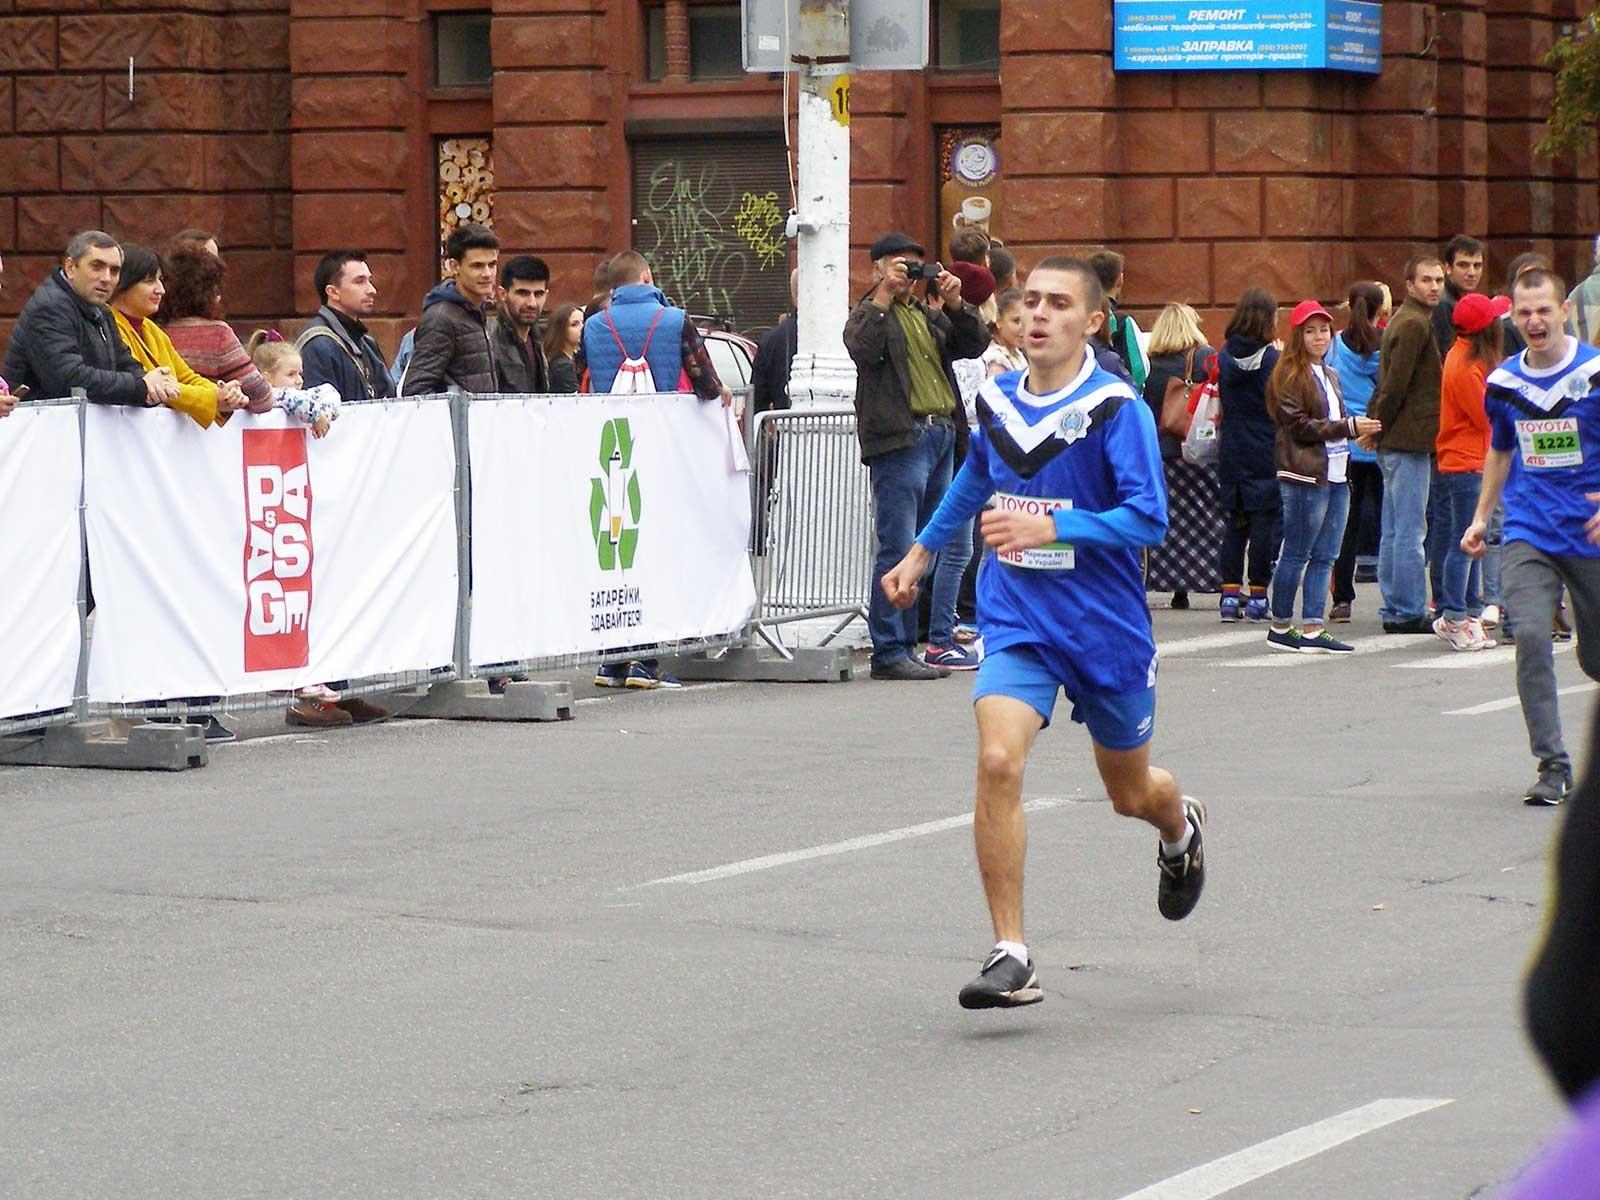 Курсанти університету здобули призові місця у масштабному легкоатлетичному марафоні